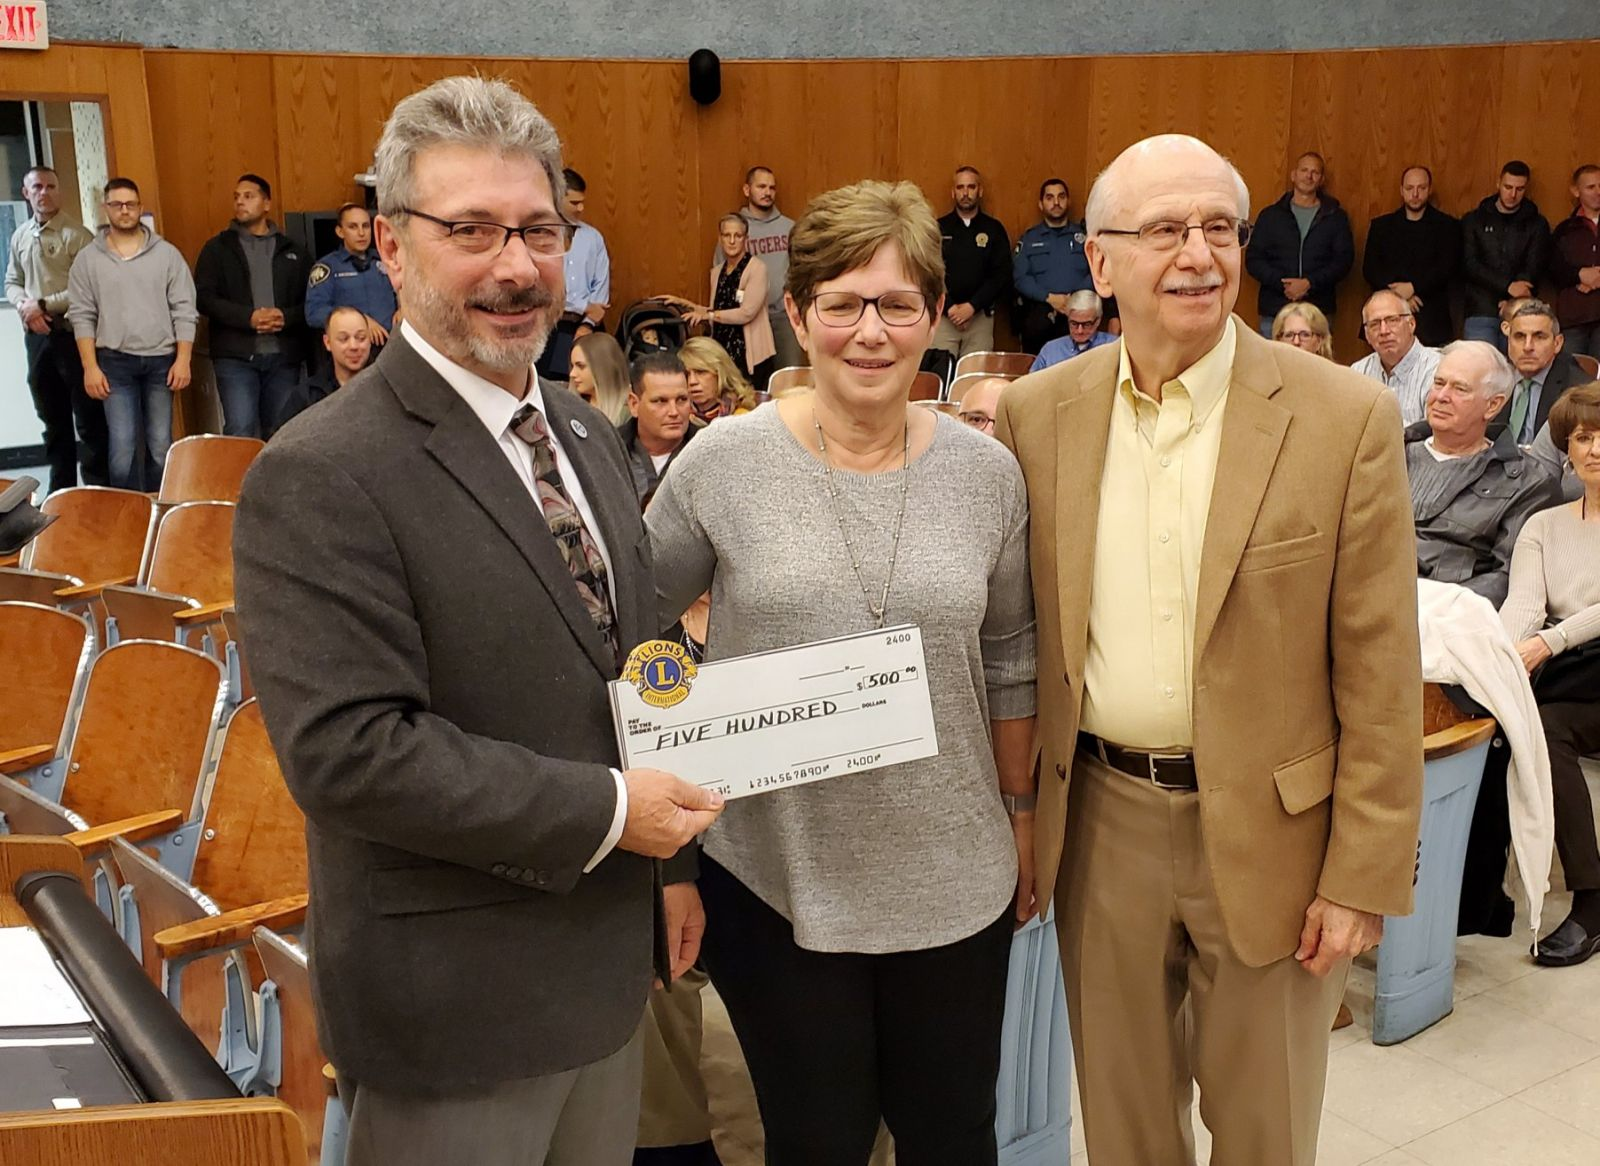 Barbara Cohen and Herb Schuman, Wayne Interfaith Network - Food Bank — with Wayne Interfaith Network at Wayne Township NJ.